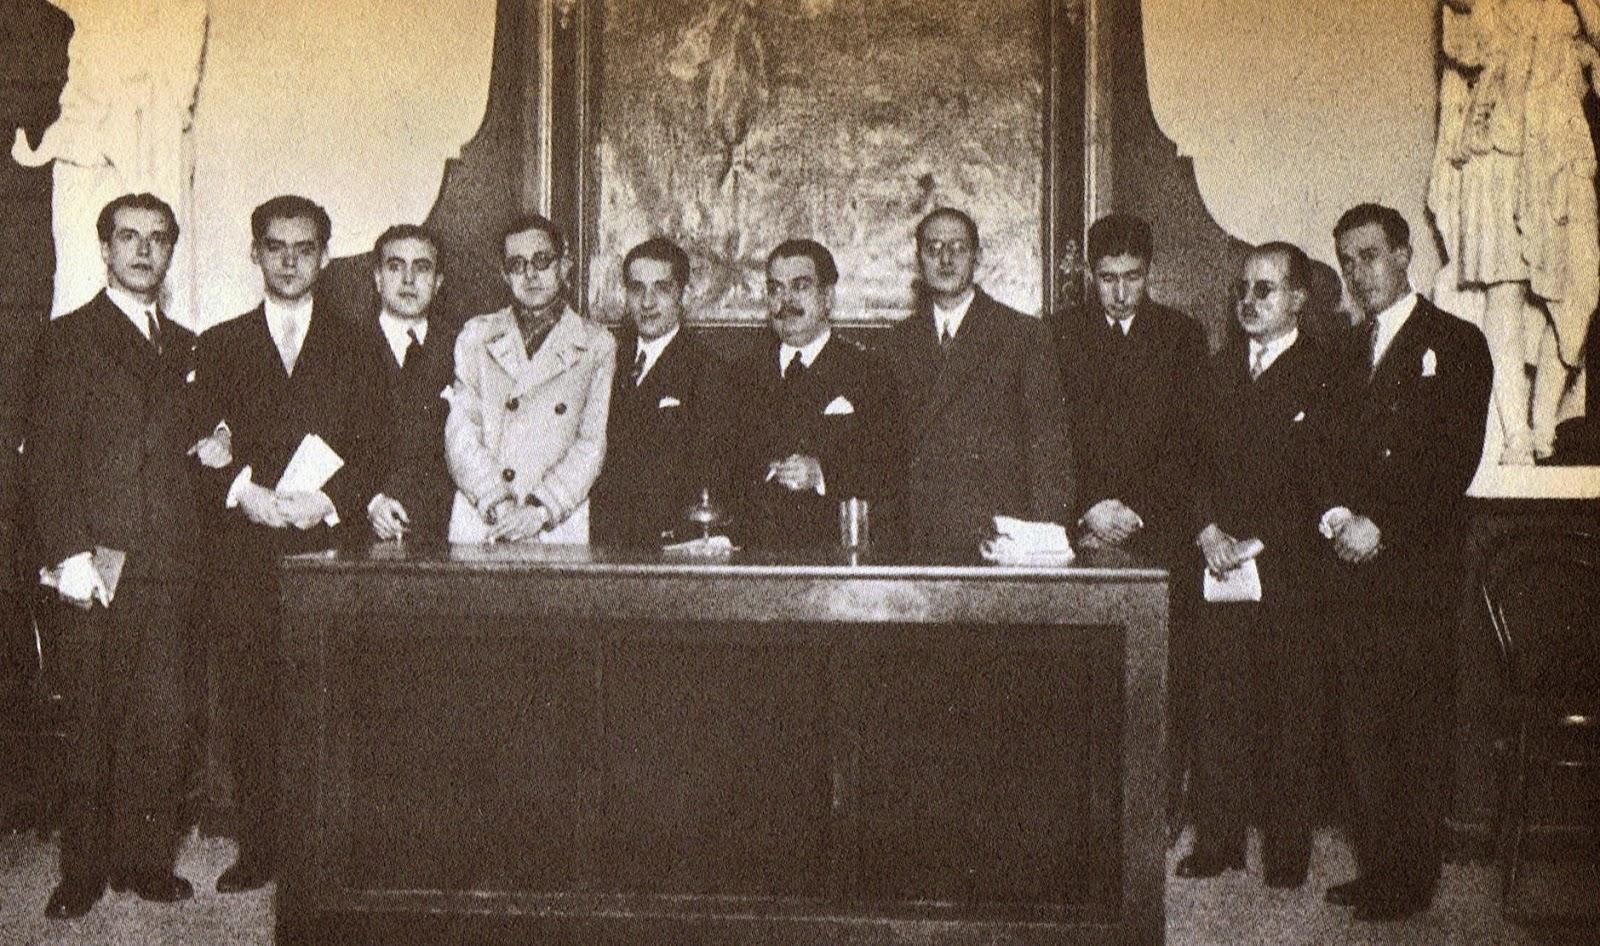 Lorca con escritores y poetas en el Ateneo de Sevilla en 1927